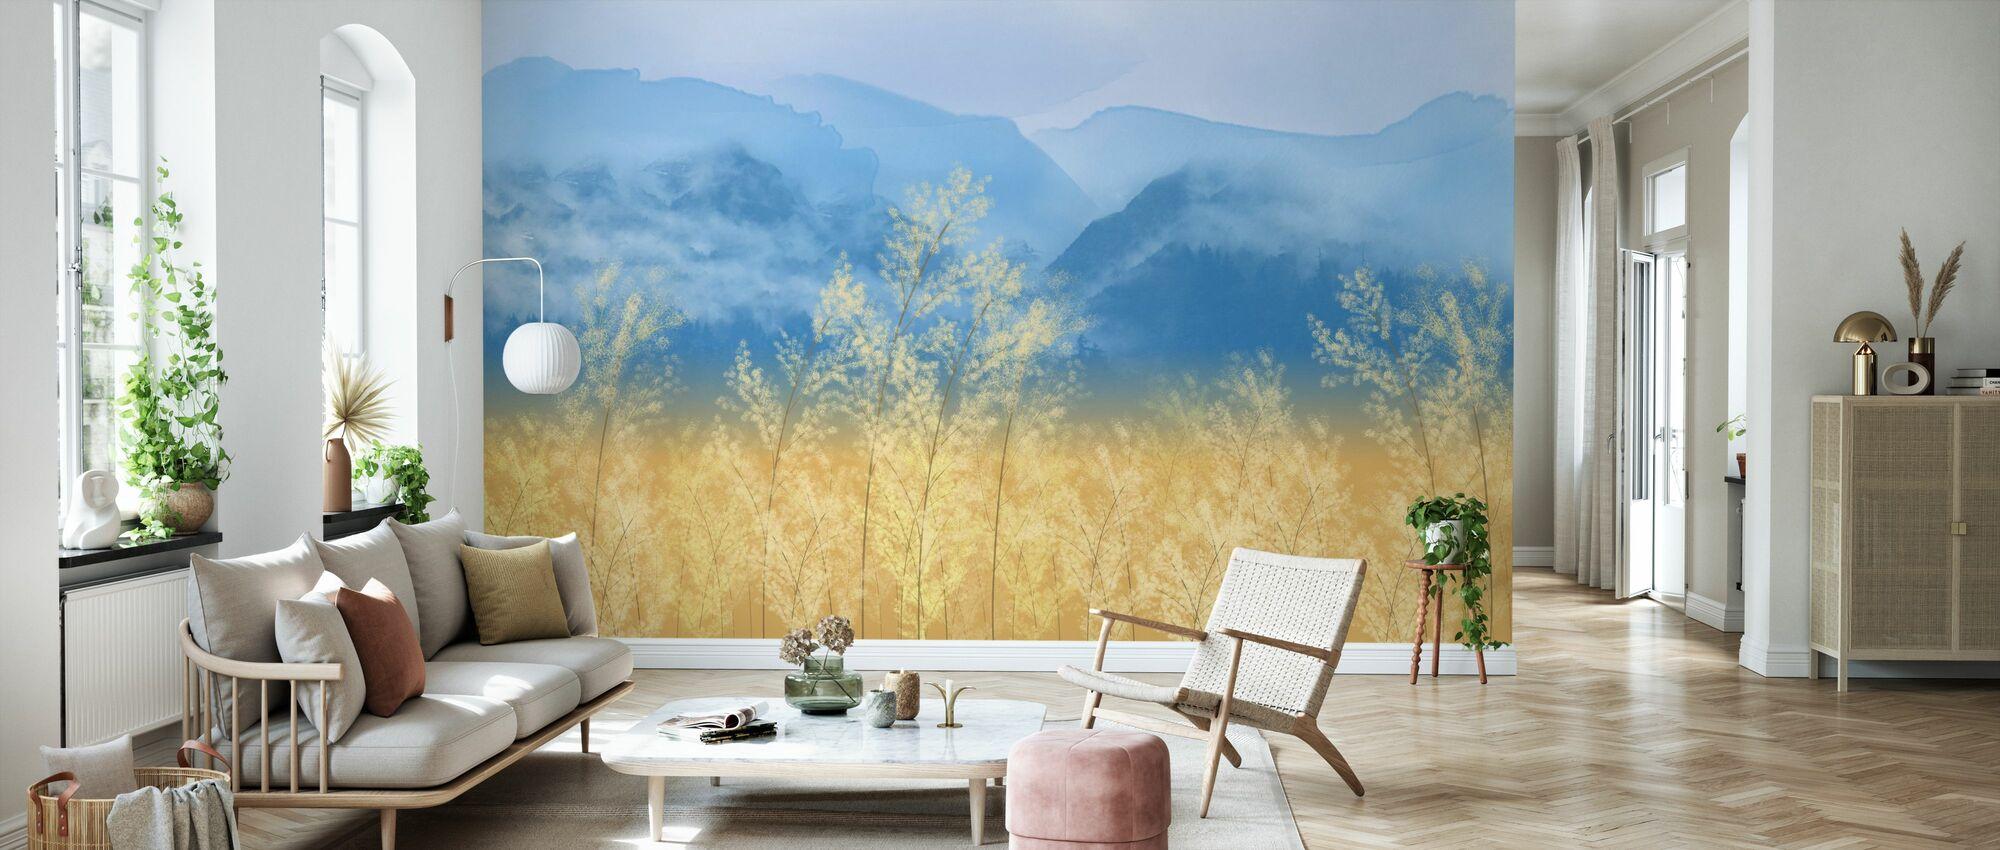 Eugene Field - Wallpaper - Living Room